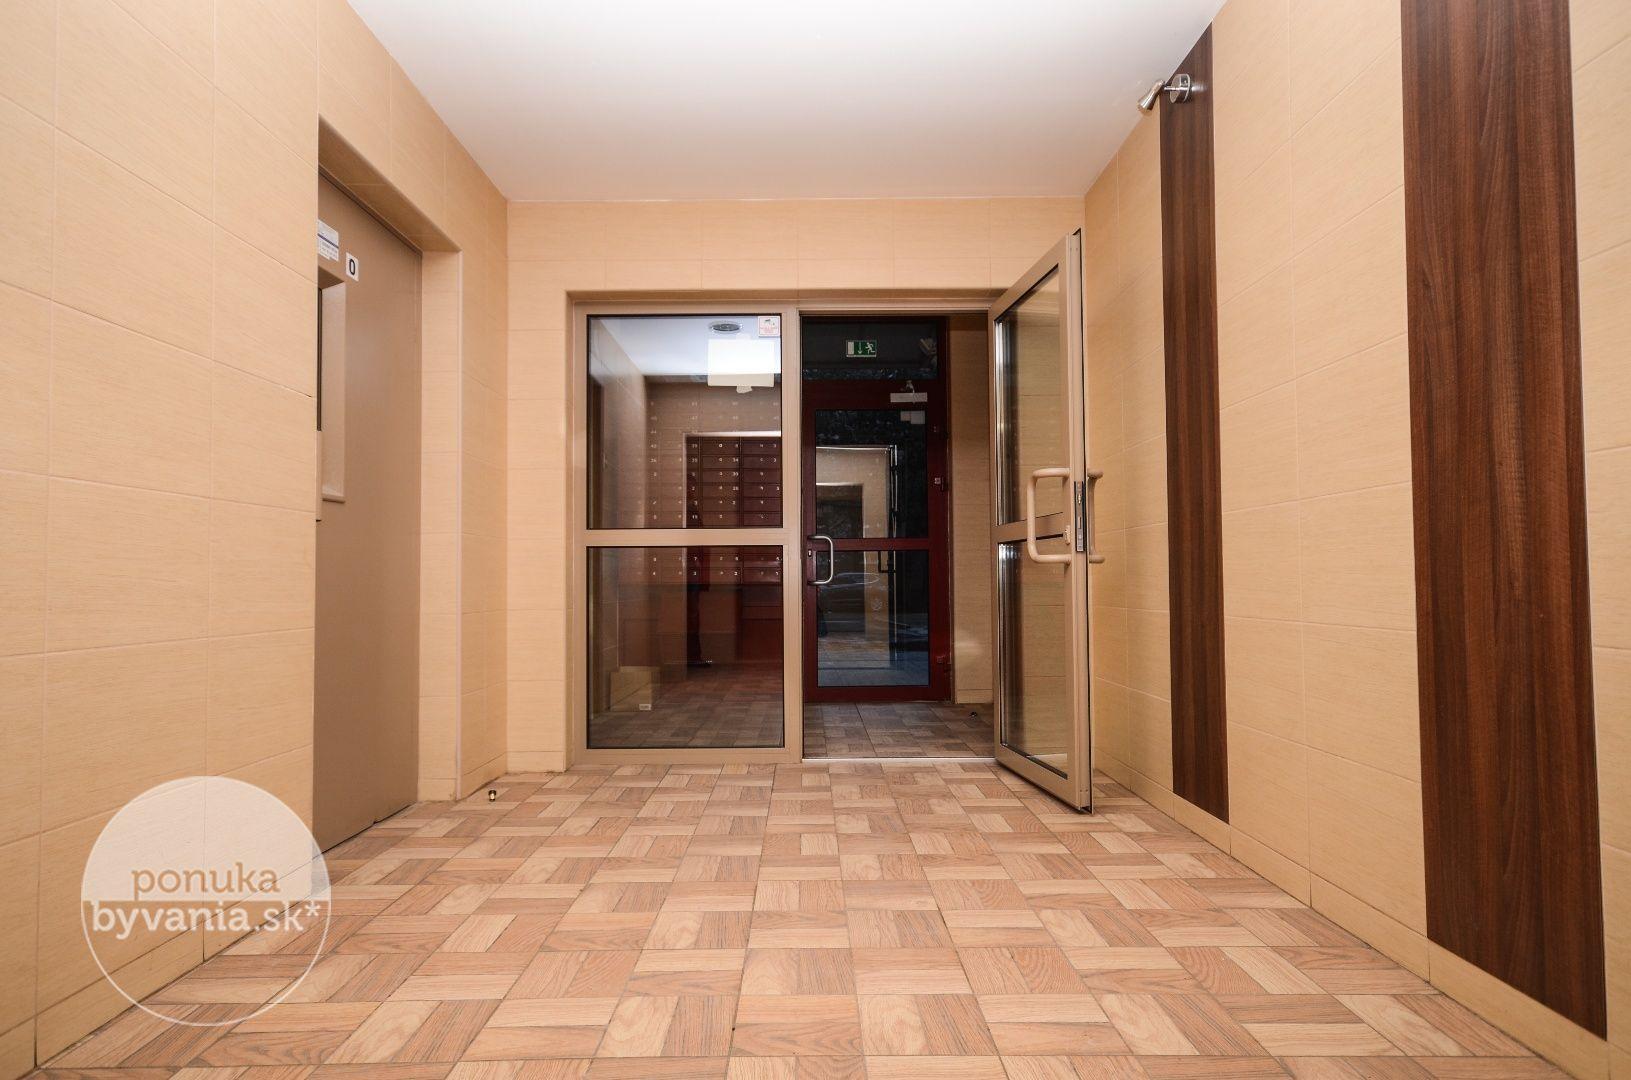 ponukabyvania.sk_Medveďovej_1-izbový-byt_LUPTÁK